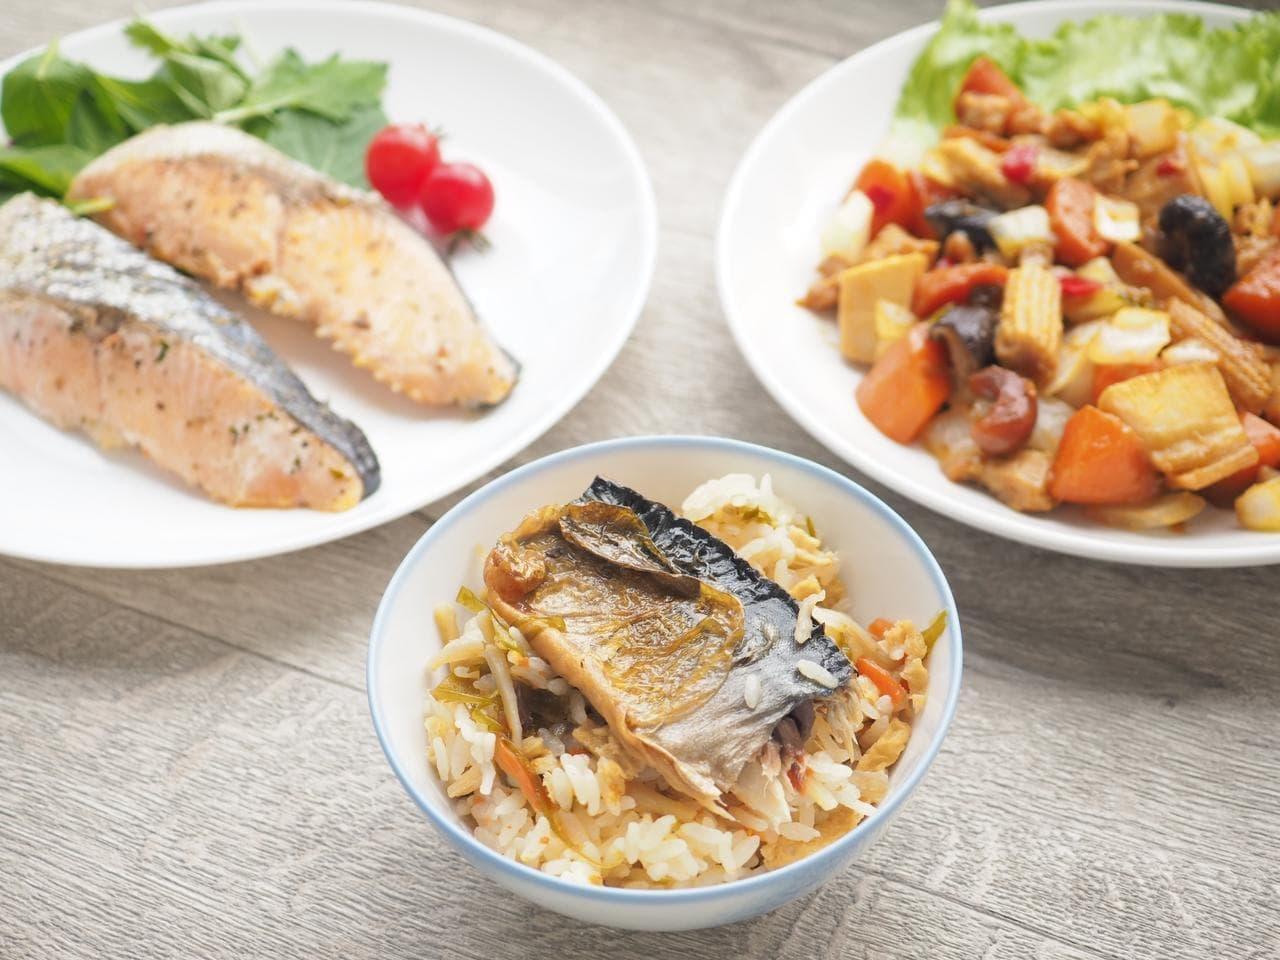 イトーヨーカドー「シェフズレシピ」の冷凍調理キット3品